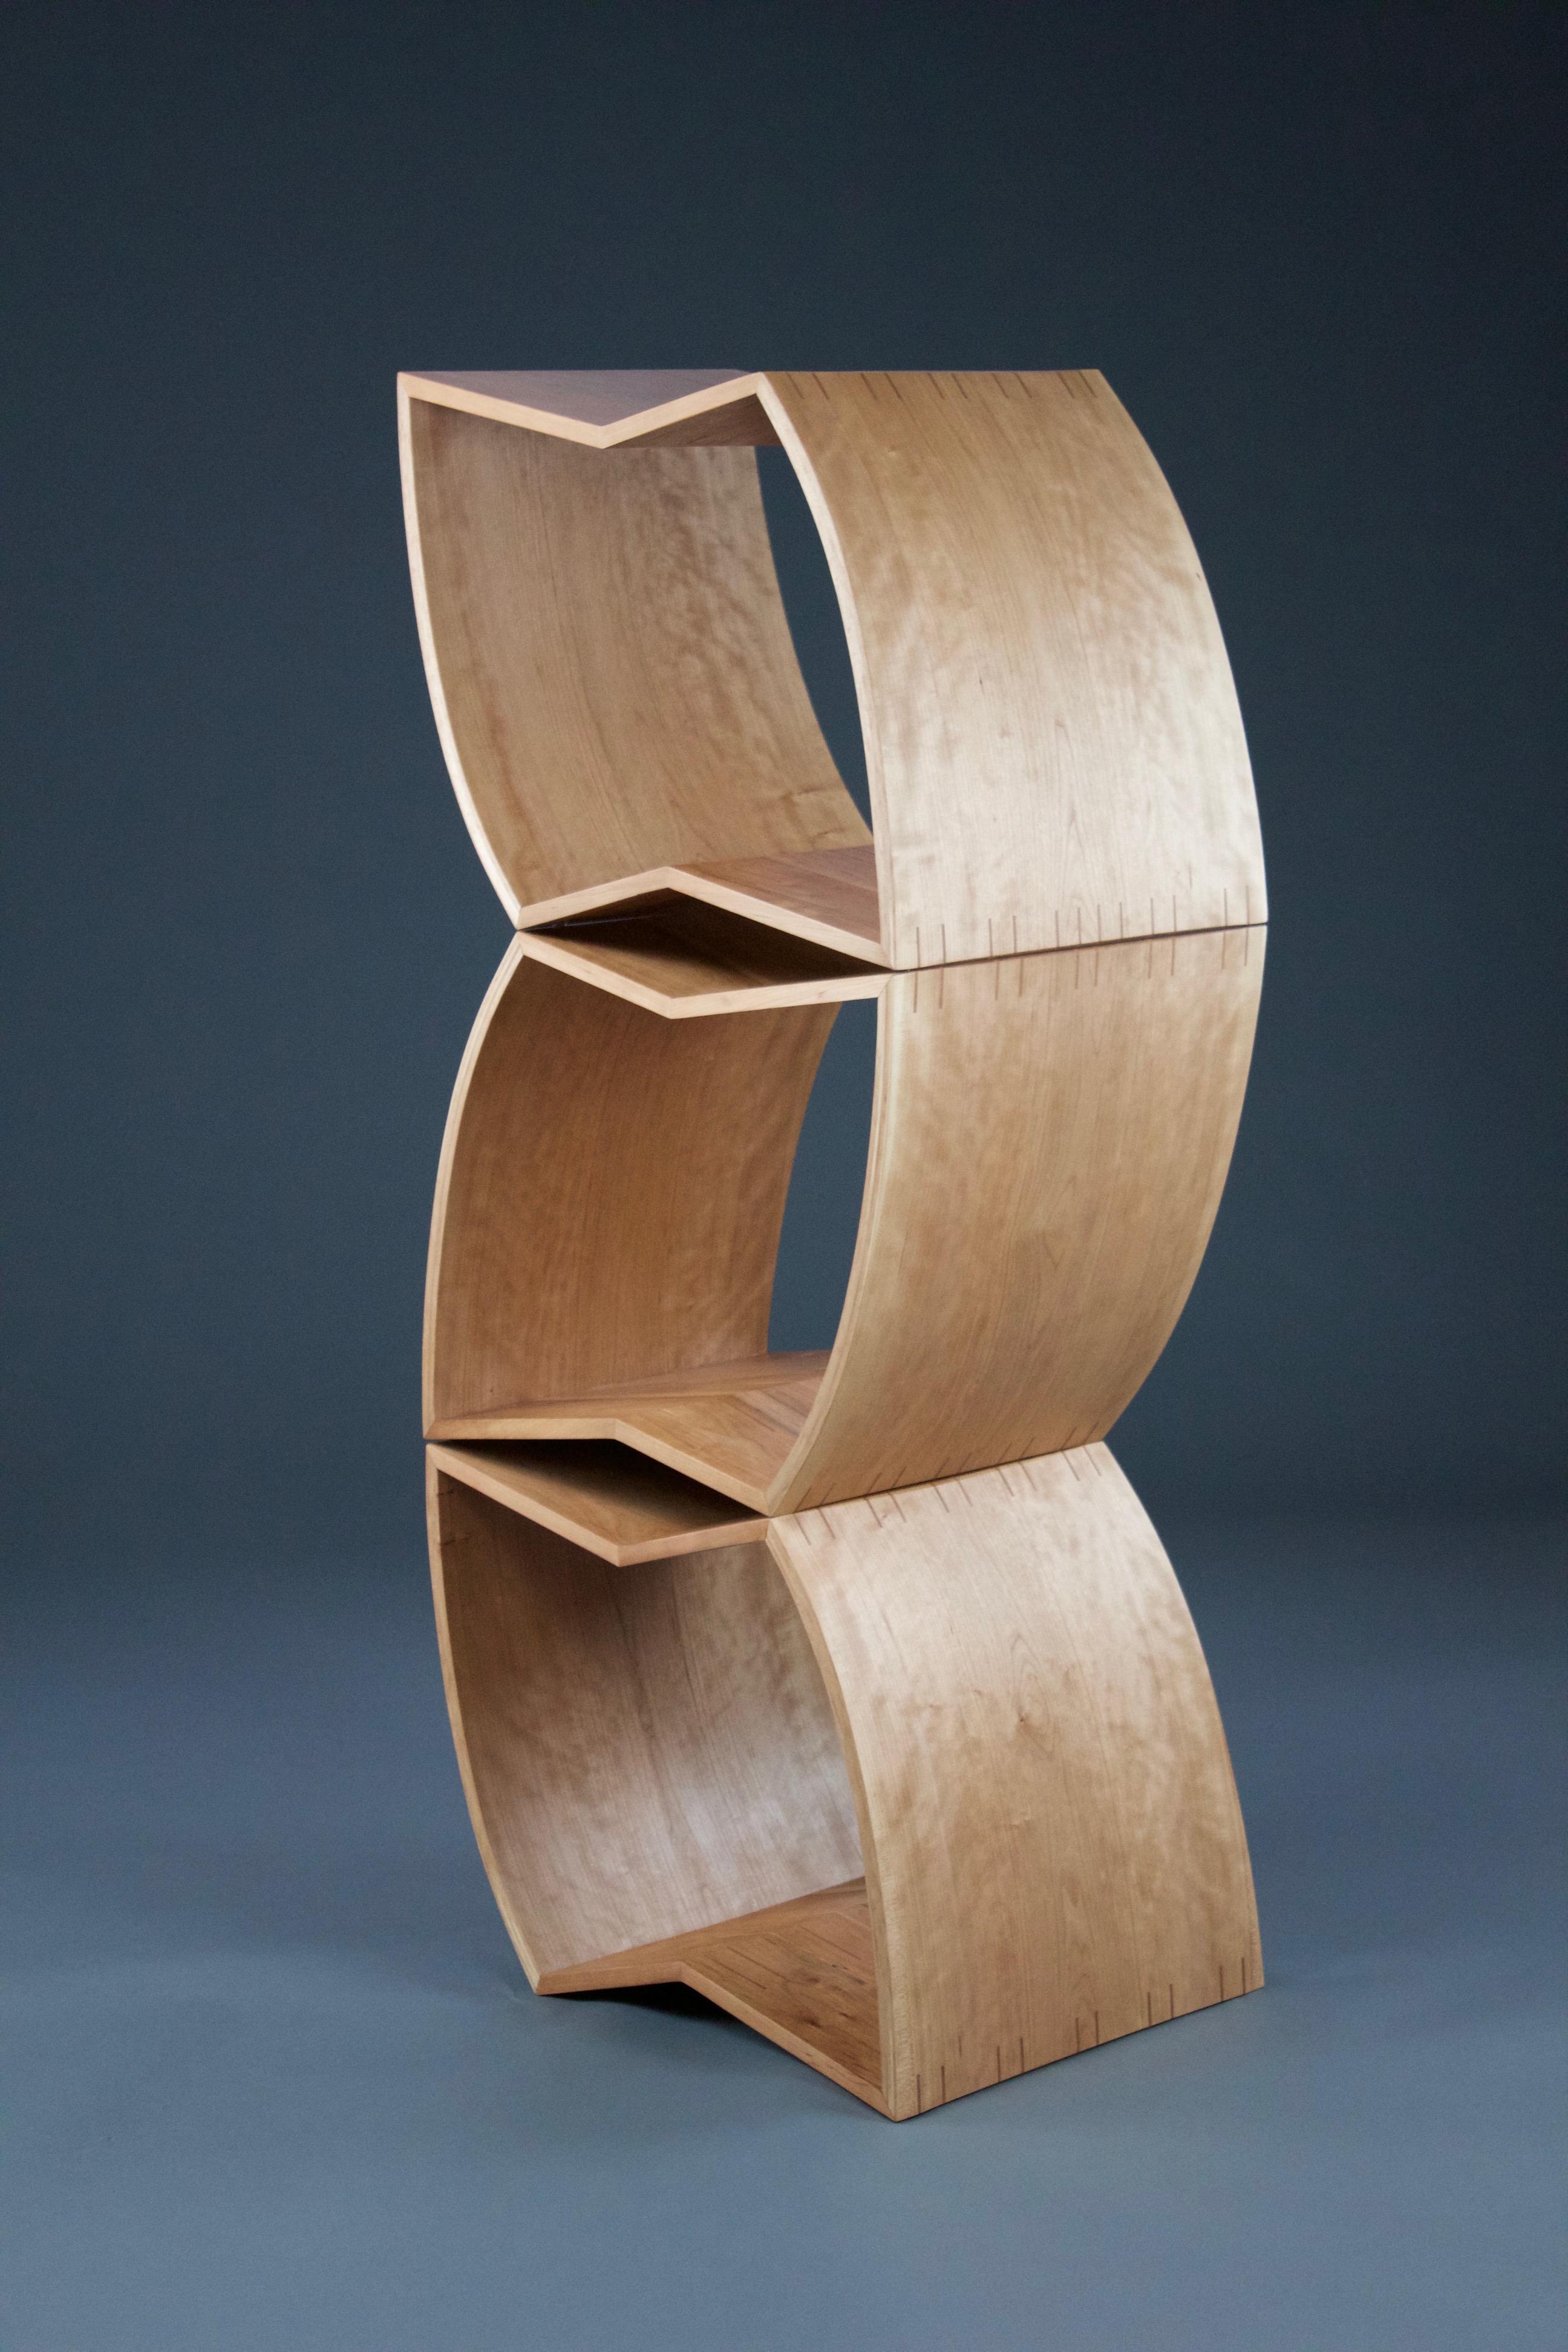 Modular Stool Series